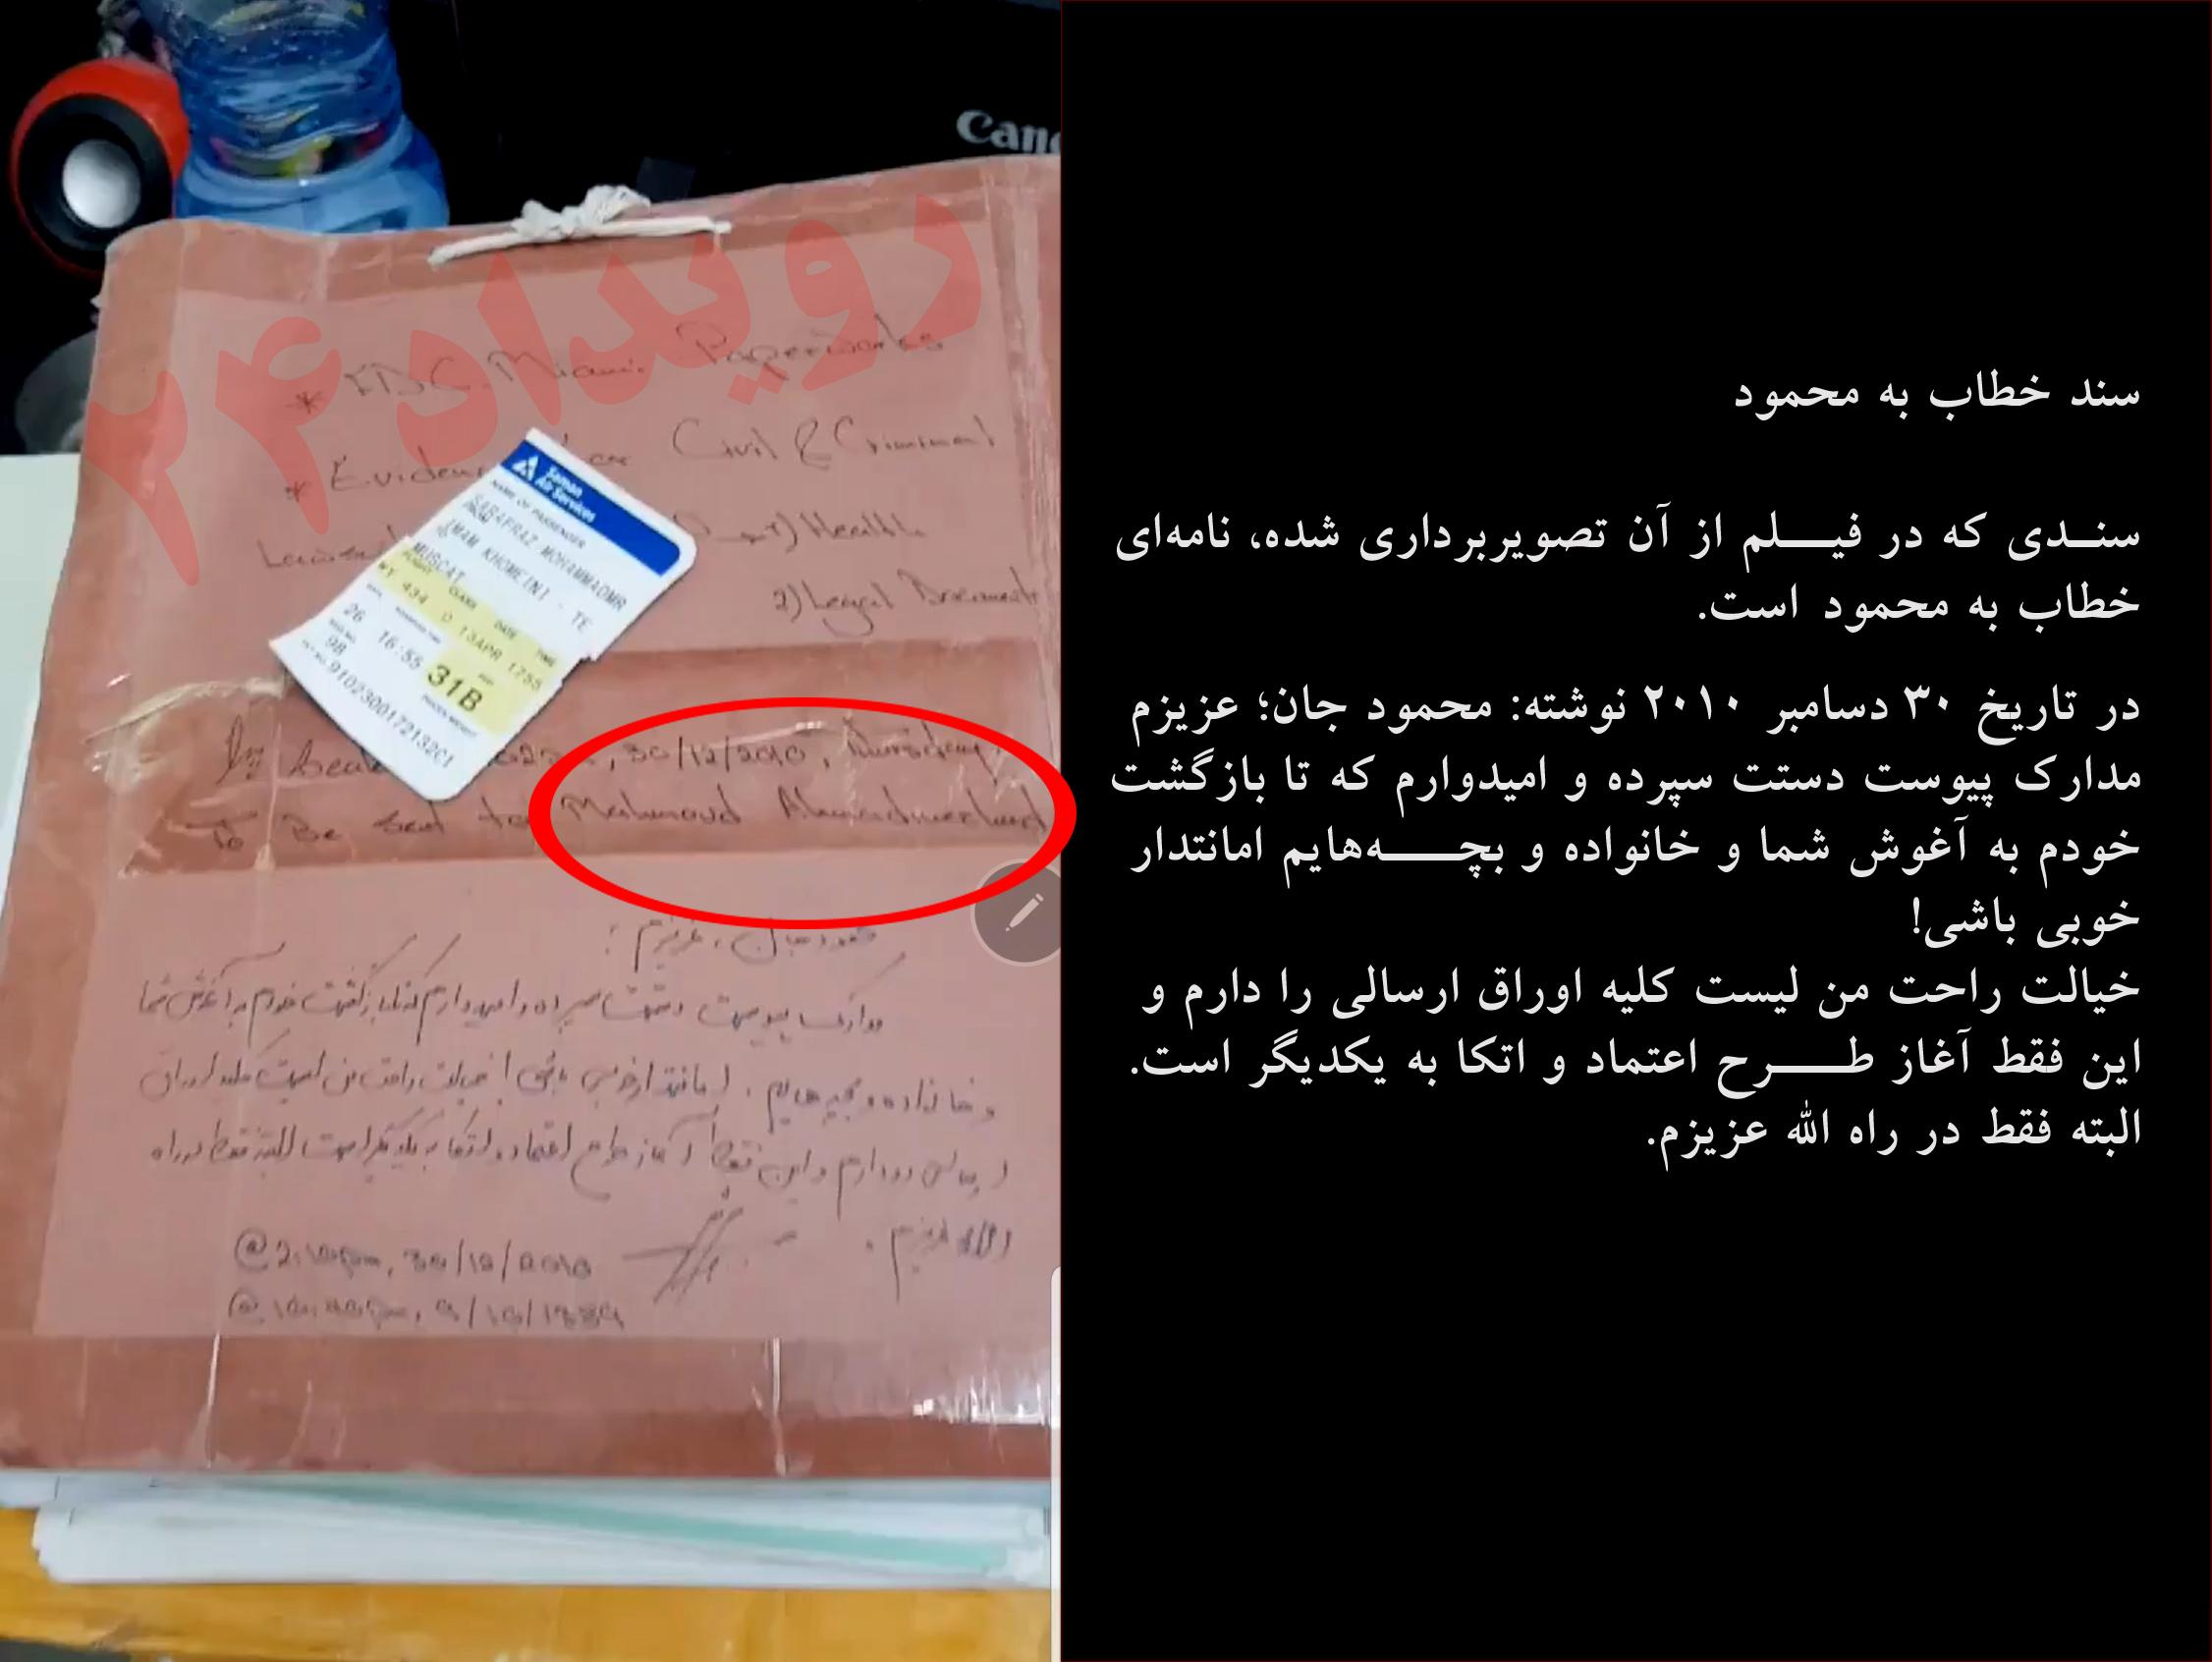 پای محمود احمدی نژاد به اسناد شهرزاد میرقلی خان باز شد/ جزئیات سندهایی که سرافراز از کشور خارج کرد  فیلم و عکس